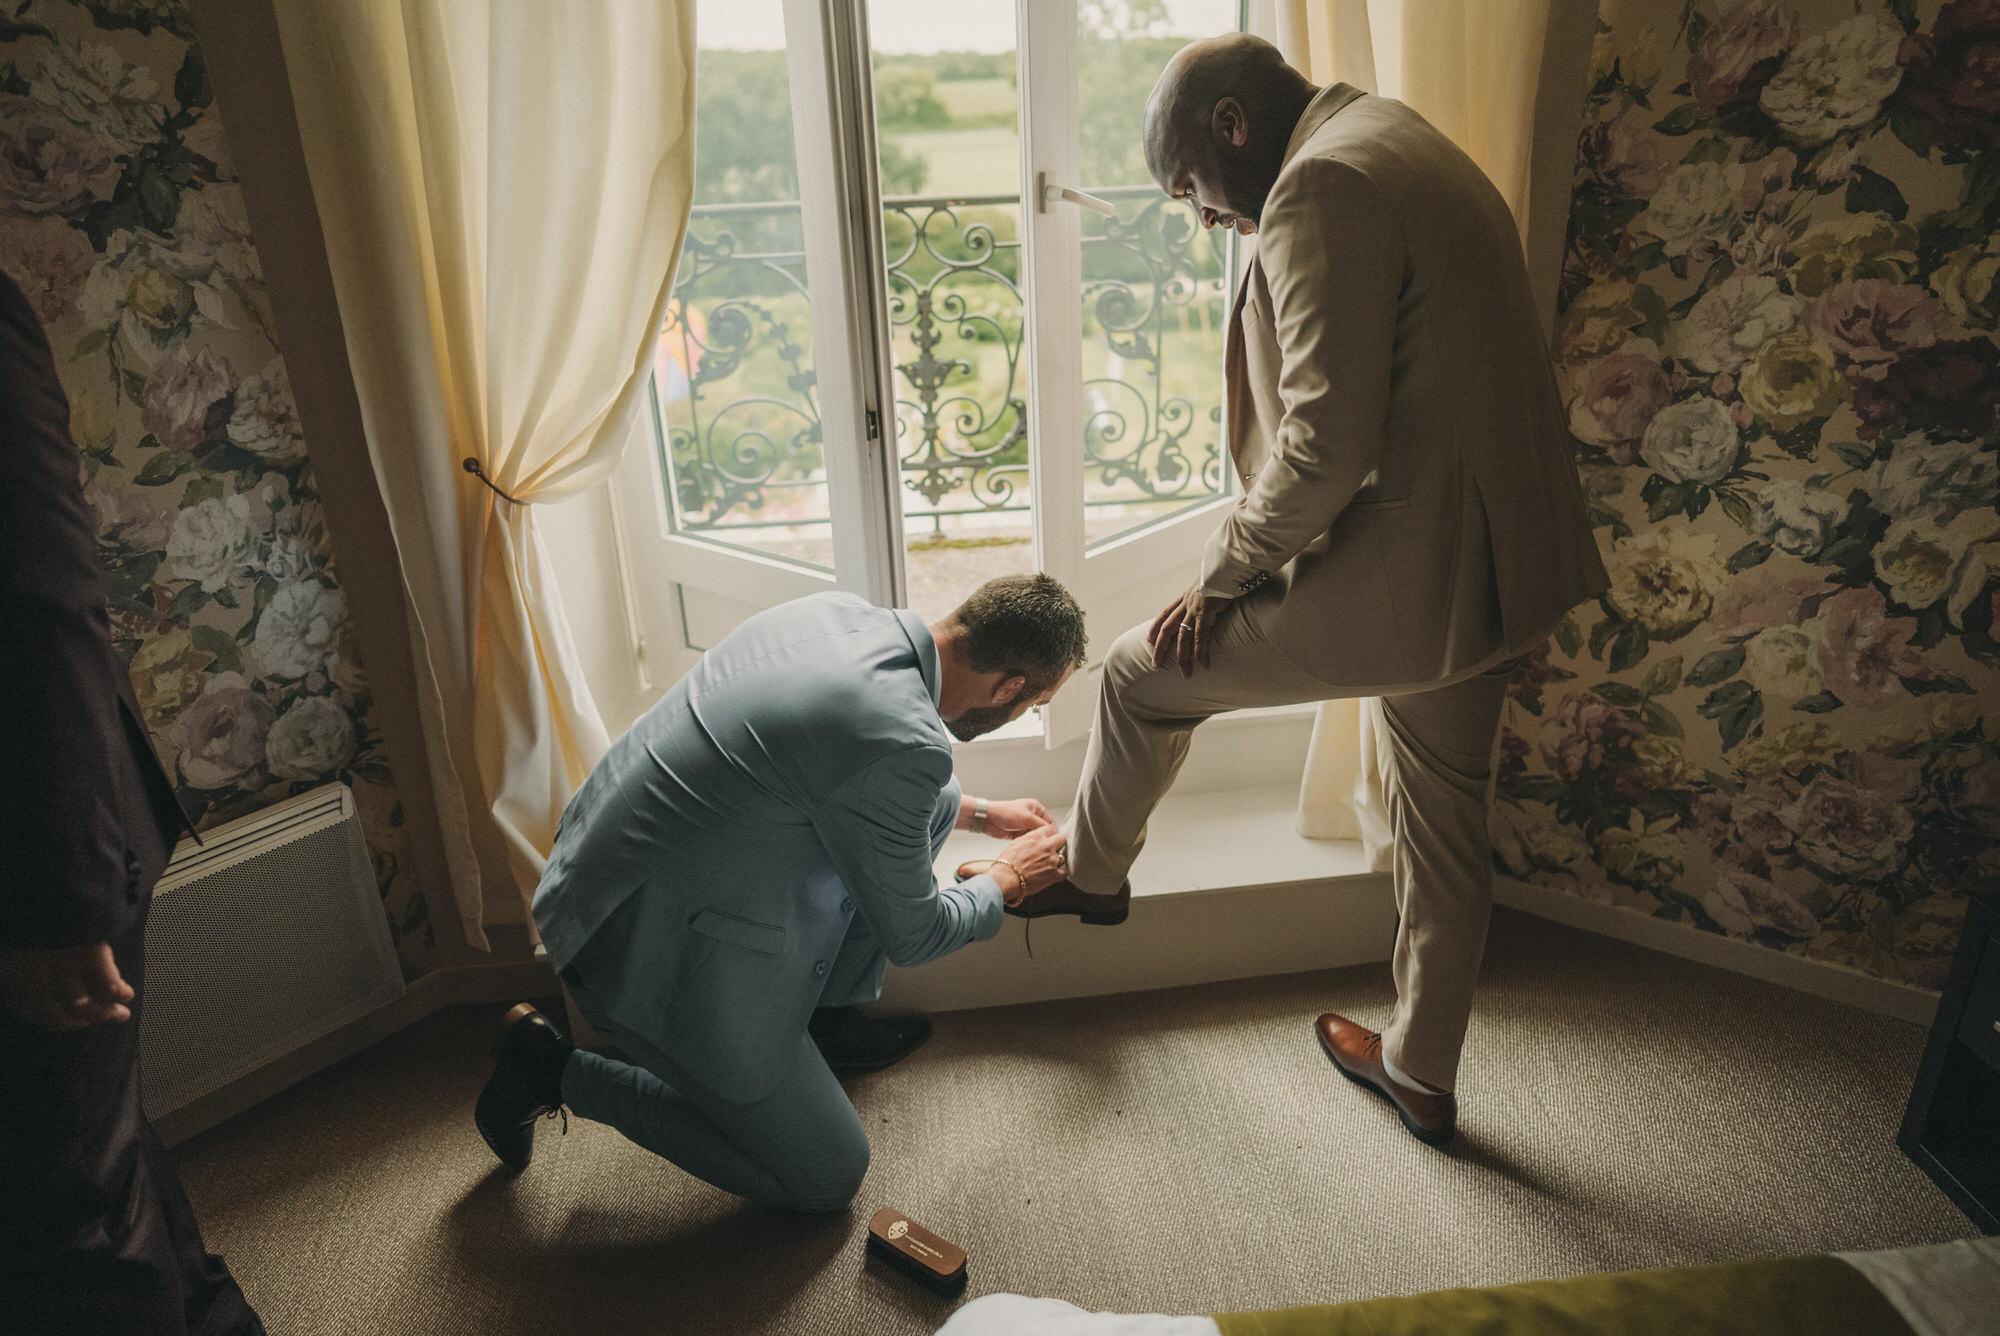 Photo De Mariage Au Manoir De Kerhuel A Plouneour Lanvern De Perle Danilson Par Antoine Borzeix 104, Photographe & Videaste à Brest / Finistère